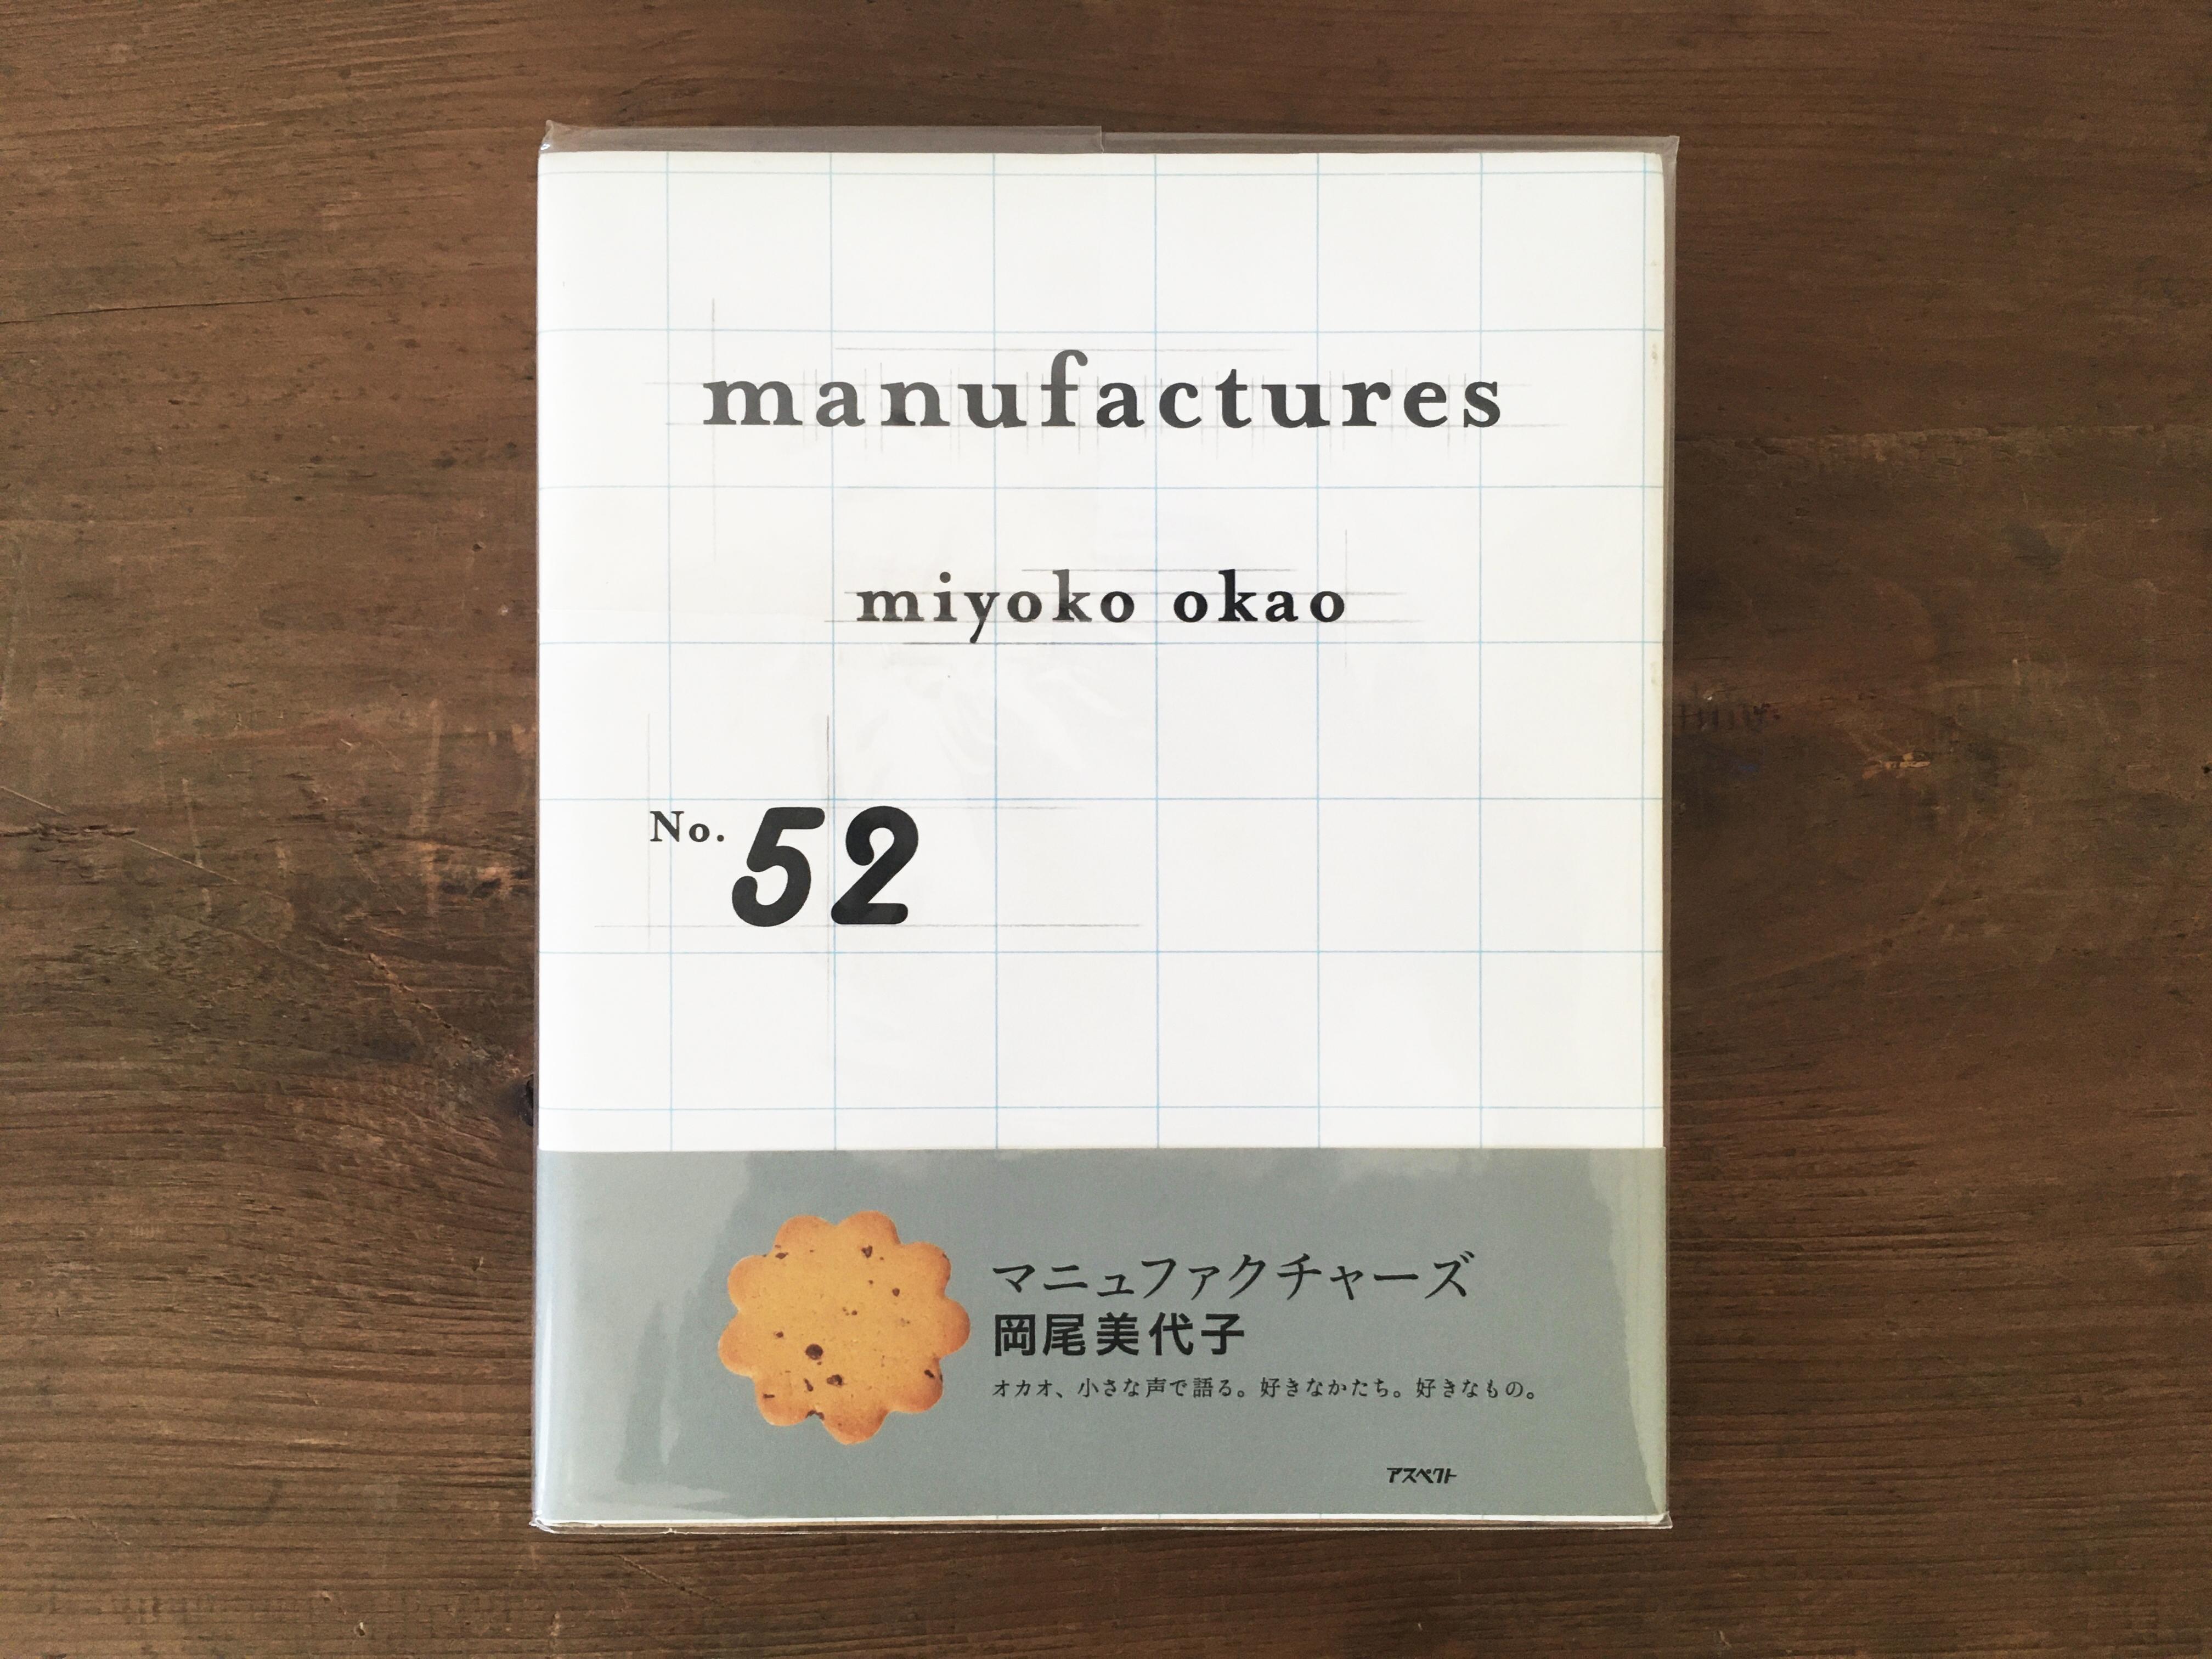 [古本]manufactures マニュファクチャーズ / 岡尾美代子 著